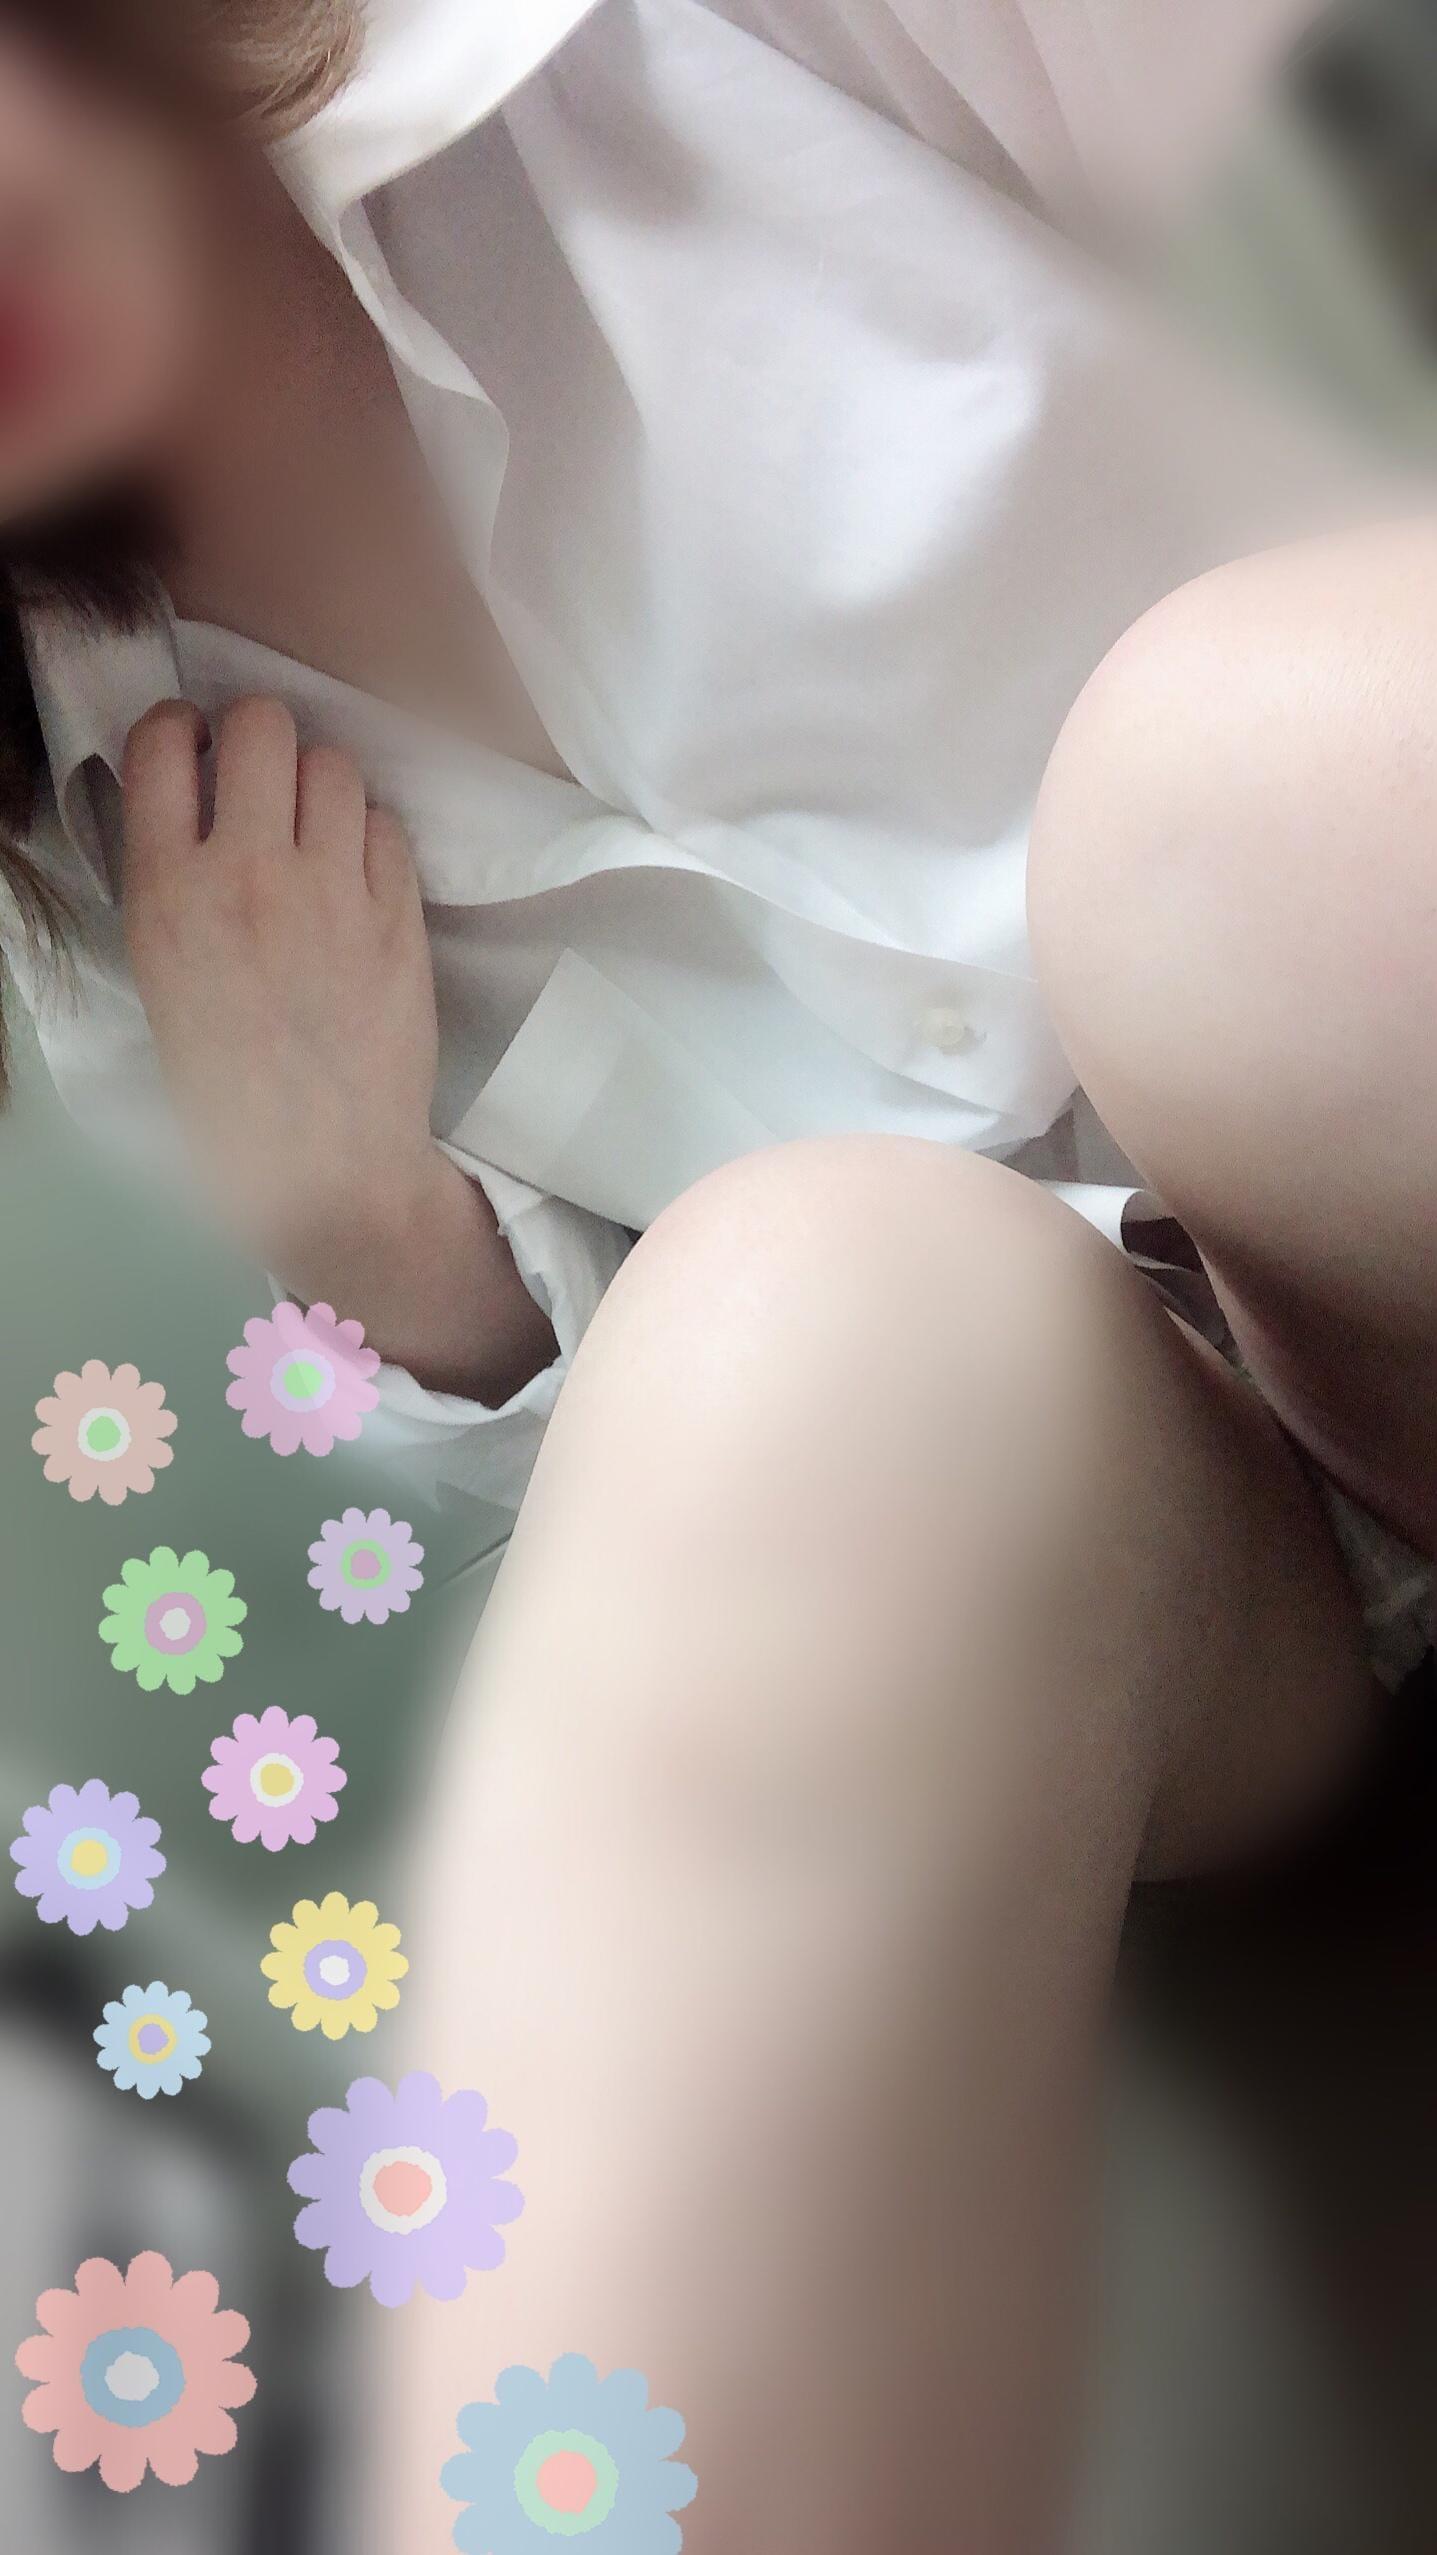 「5月のおしらせ(๑˃̵ᴗ˂̵)」04/24(水) 19:37 | 相葉の写メ・風俗動画